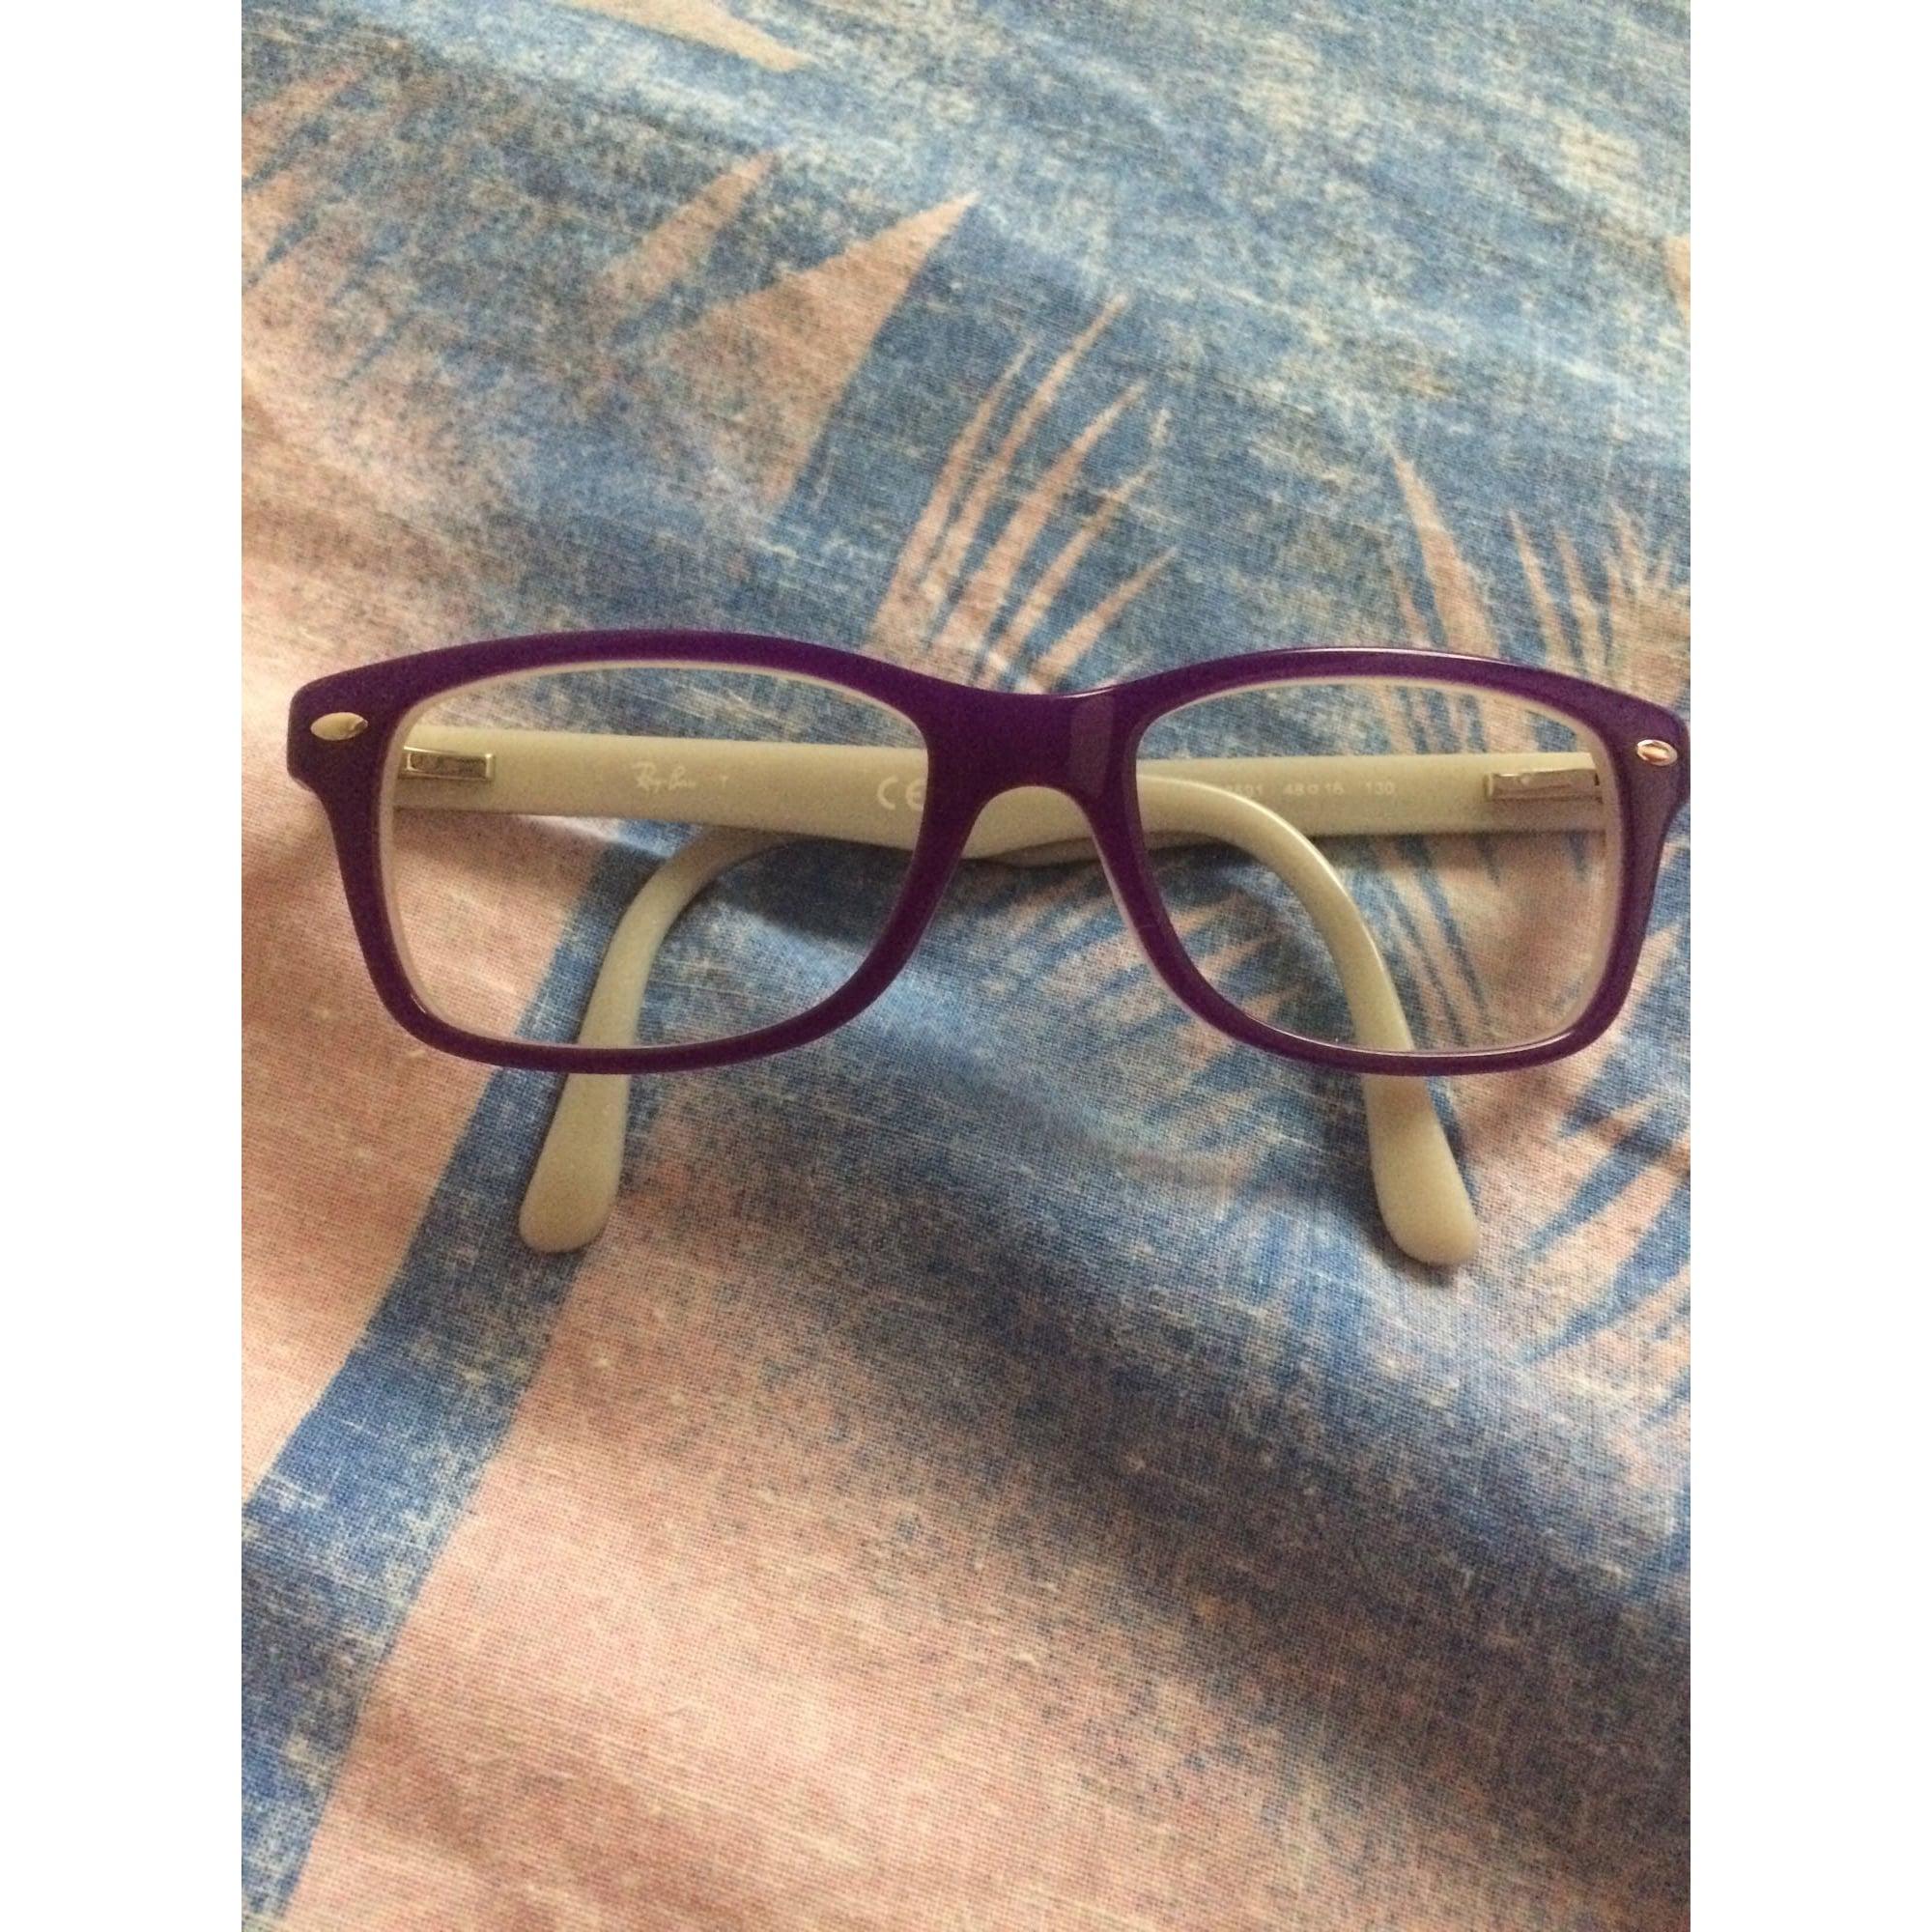 2ec4cc52cce42b Monture de lunettes RAY-BAN Autre violette et blanche - 7877077